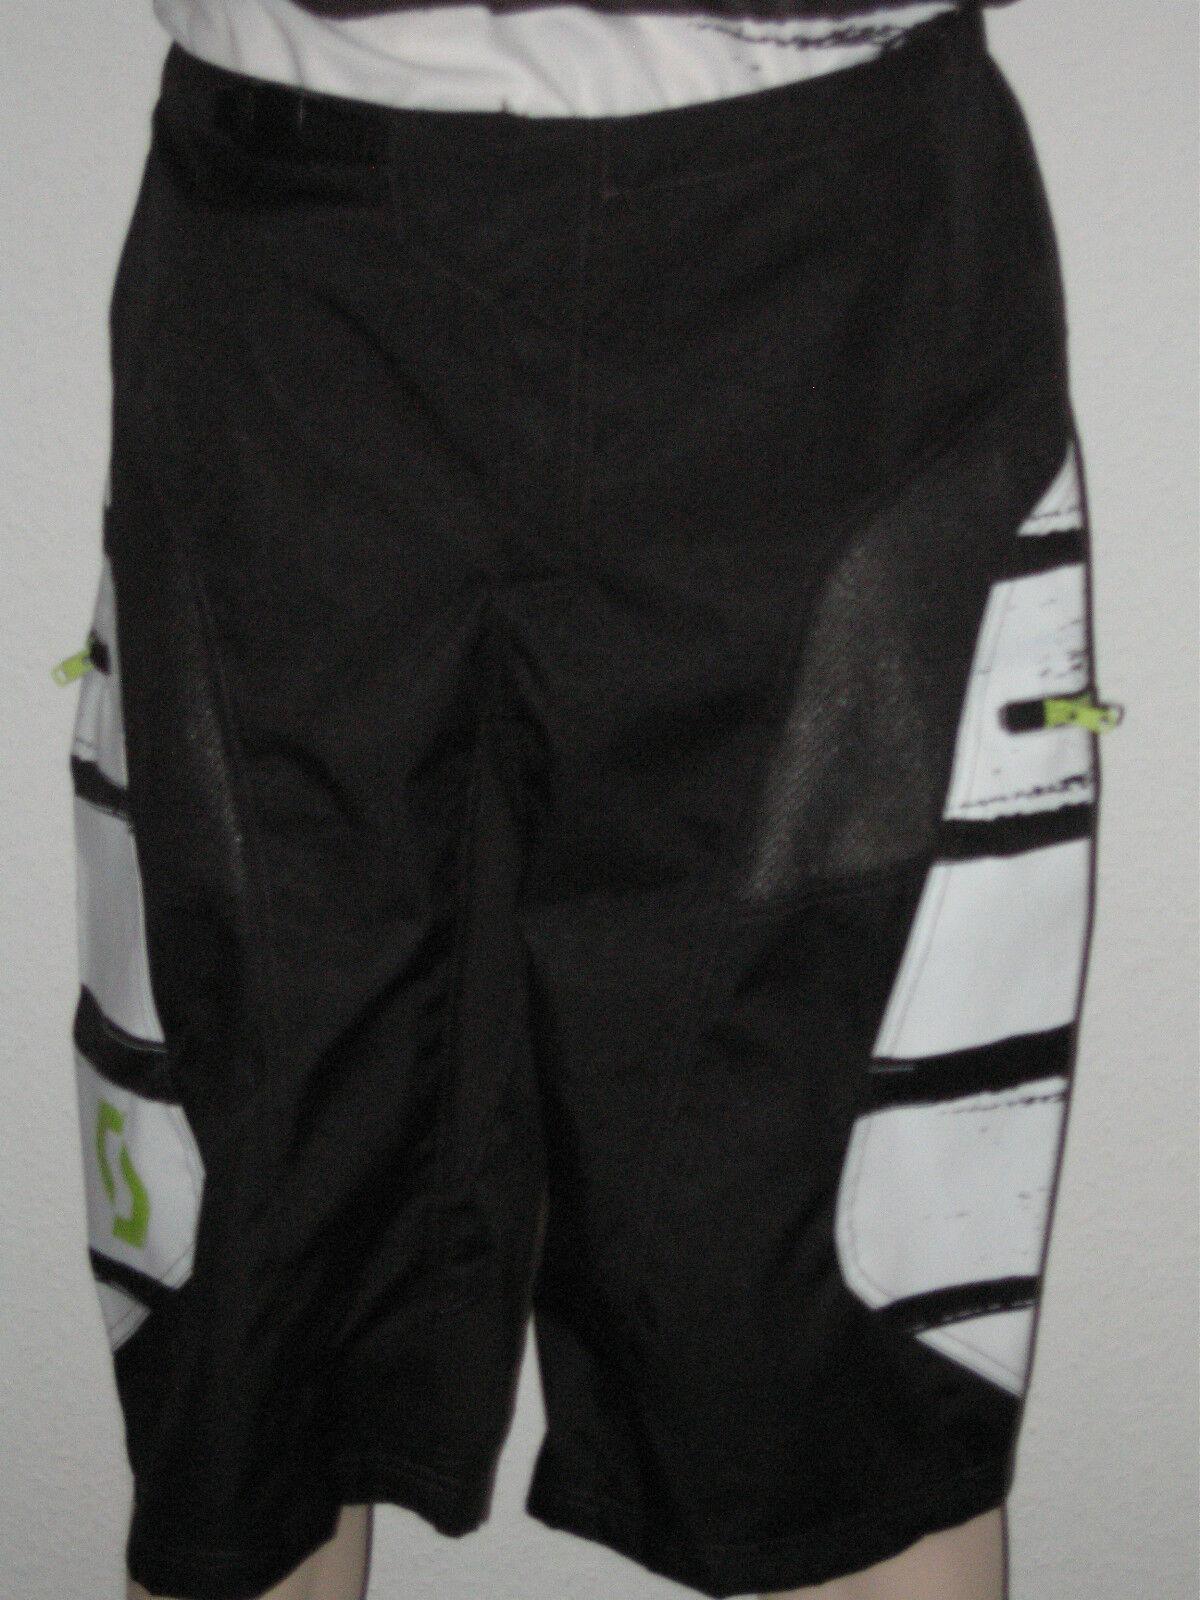 SCOTT Freeride-Shorts Freeride-Shorts Freeride-Shorts ohne Polster  in schwarz weiß  (M)  NEU 256309